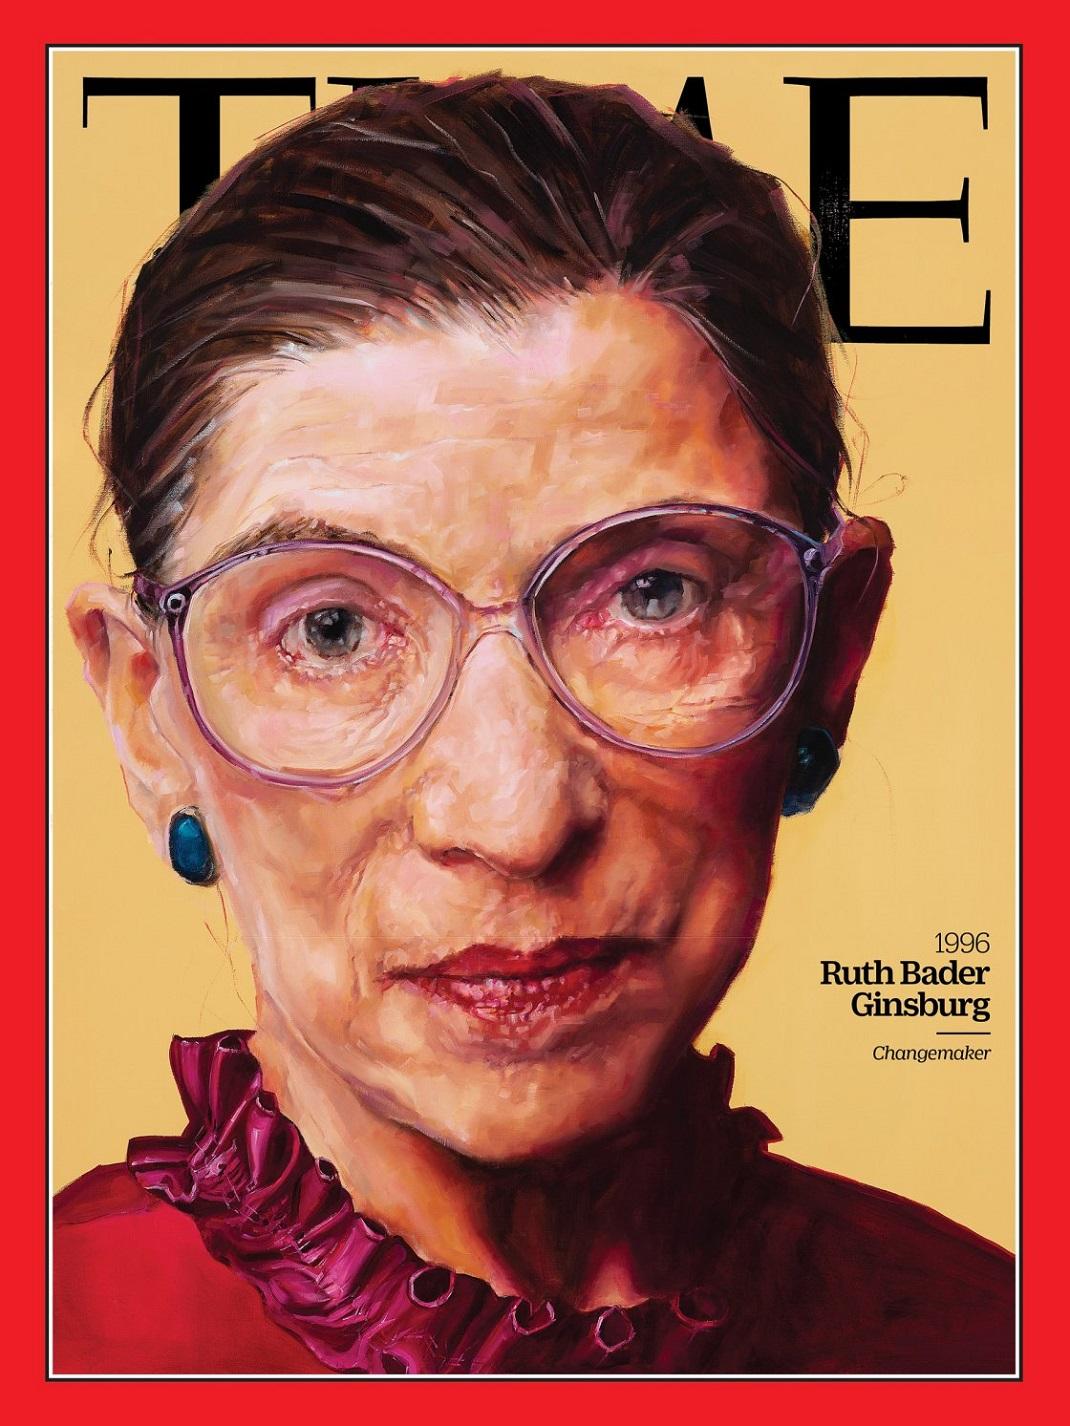 Η Ruth Bader Ginsburg στο εξώφυλλο του TIME